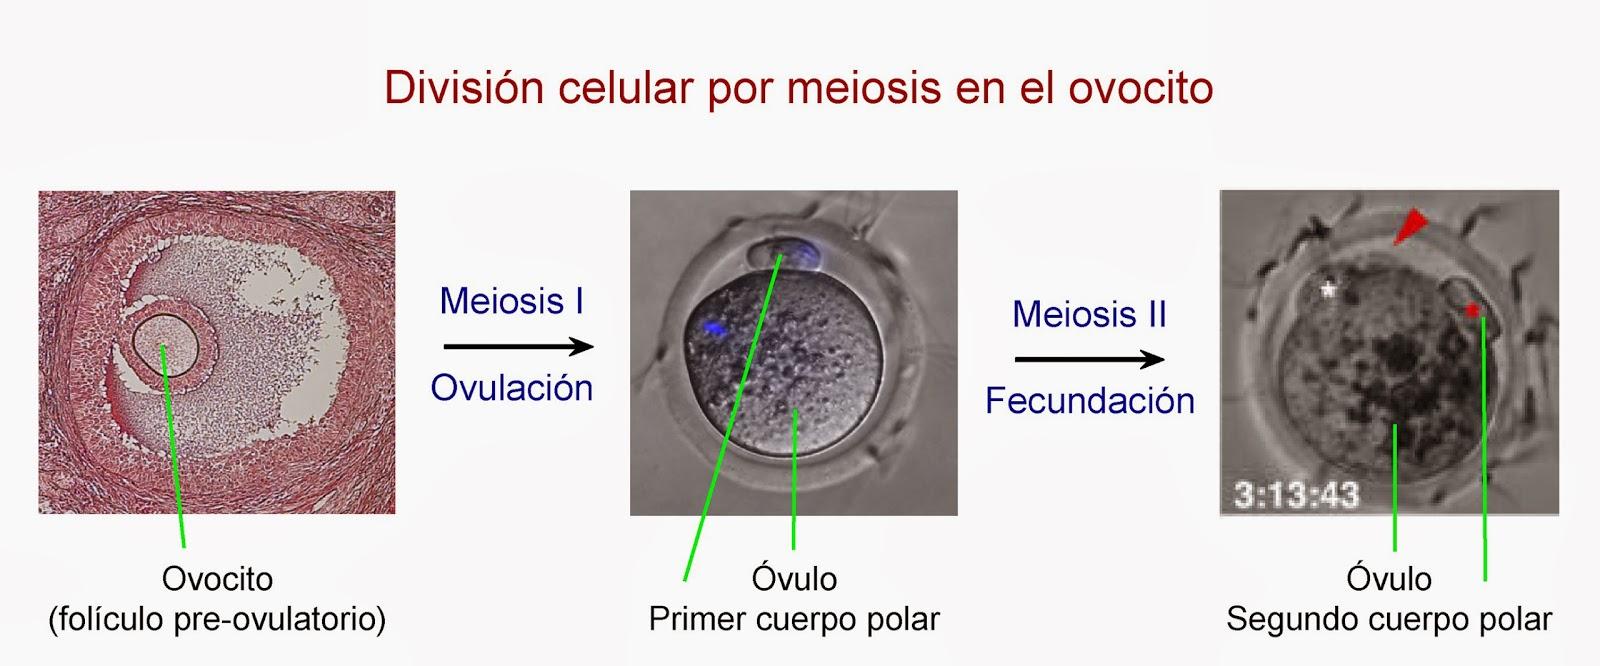 Tras la meiosis, se forma el óvulo y los cuerpos polares